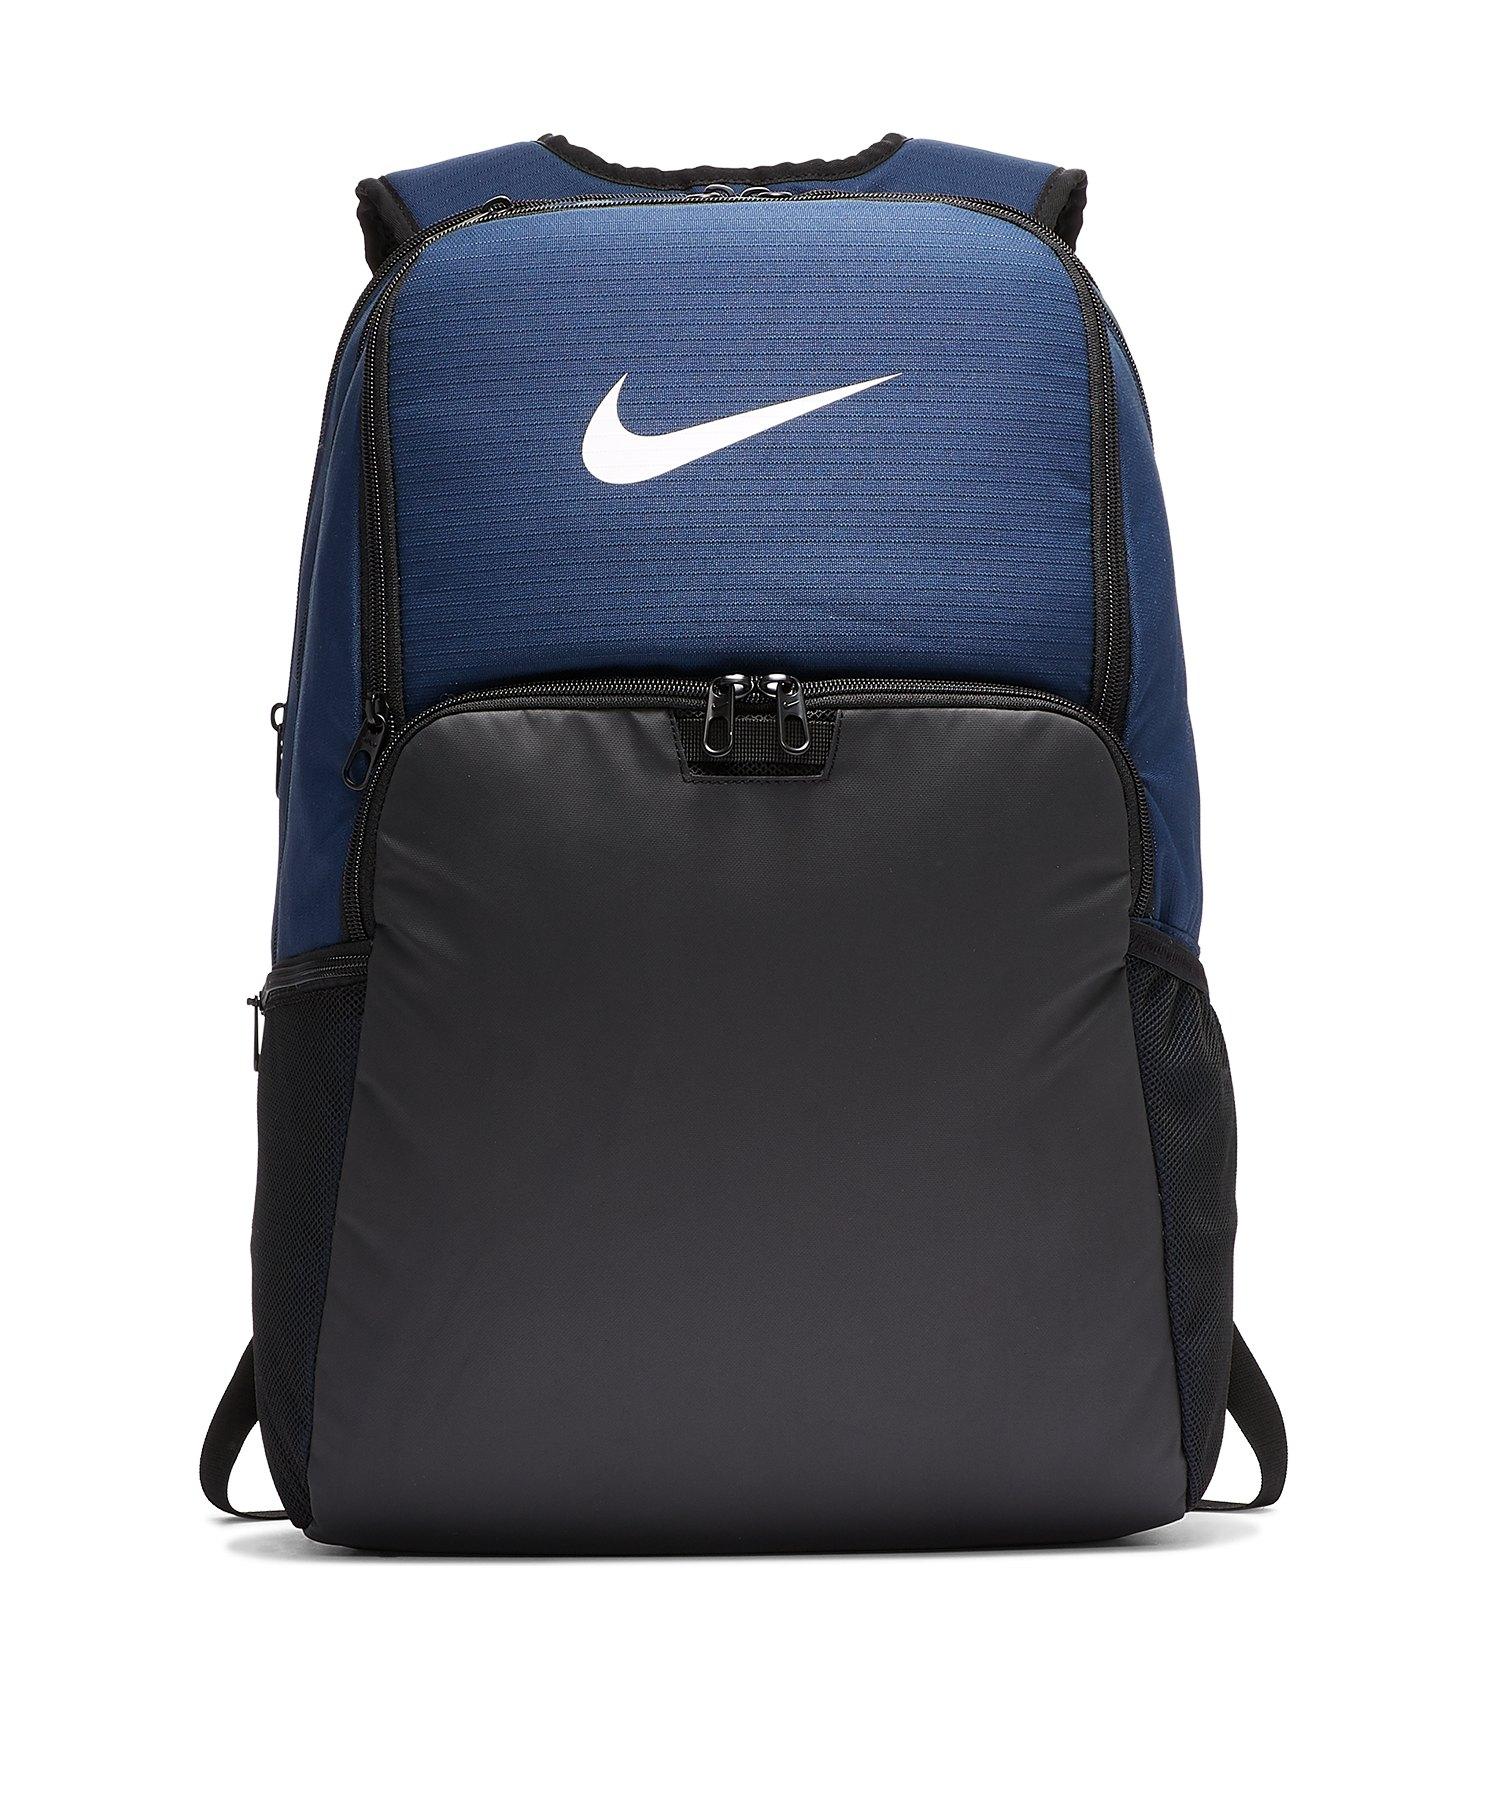 Nike Brasilia 9.0 Backpack Rucksack Blau F410 - blau